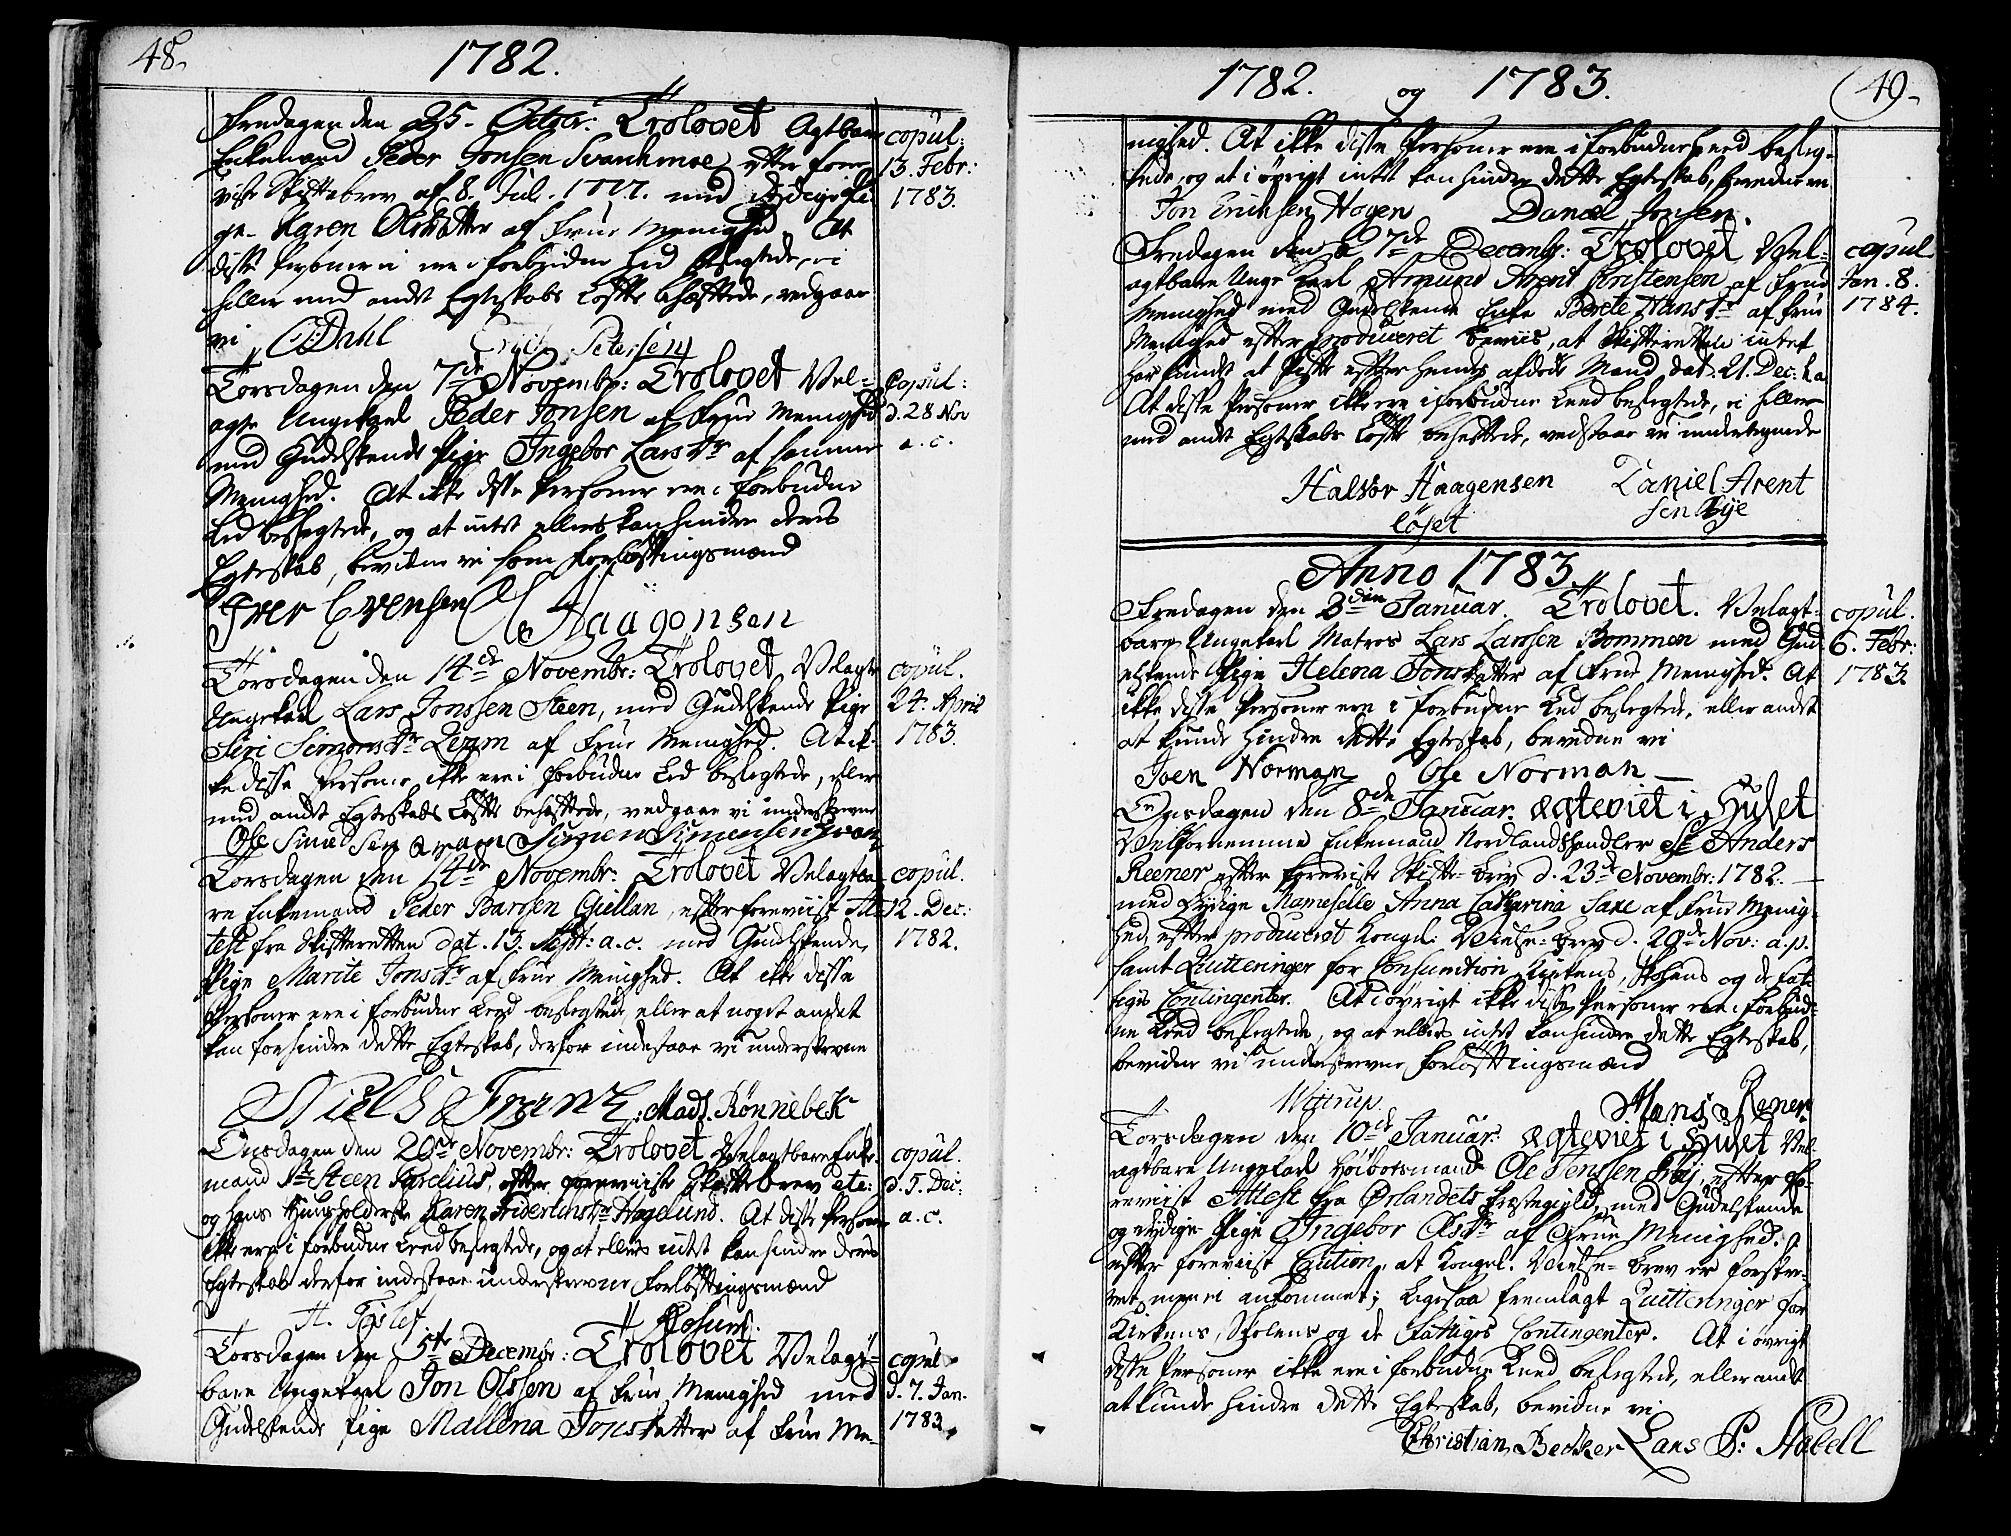 SAT, Ministerialprotokoller, klokkerbøker og fødselsregistre - Sør-Trøndelag, 602/L0105: Ministerialbok nr. 602A03, 1774-1814, s. 48-49